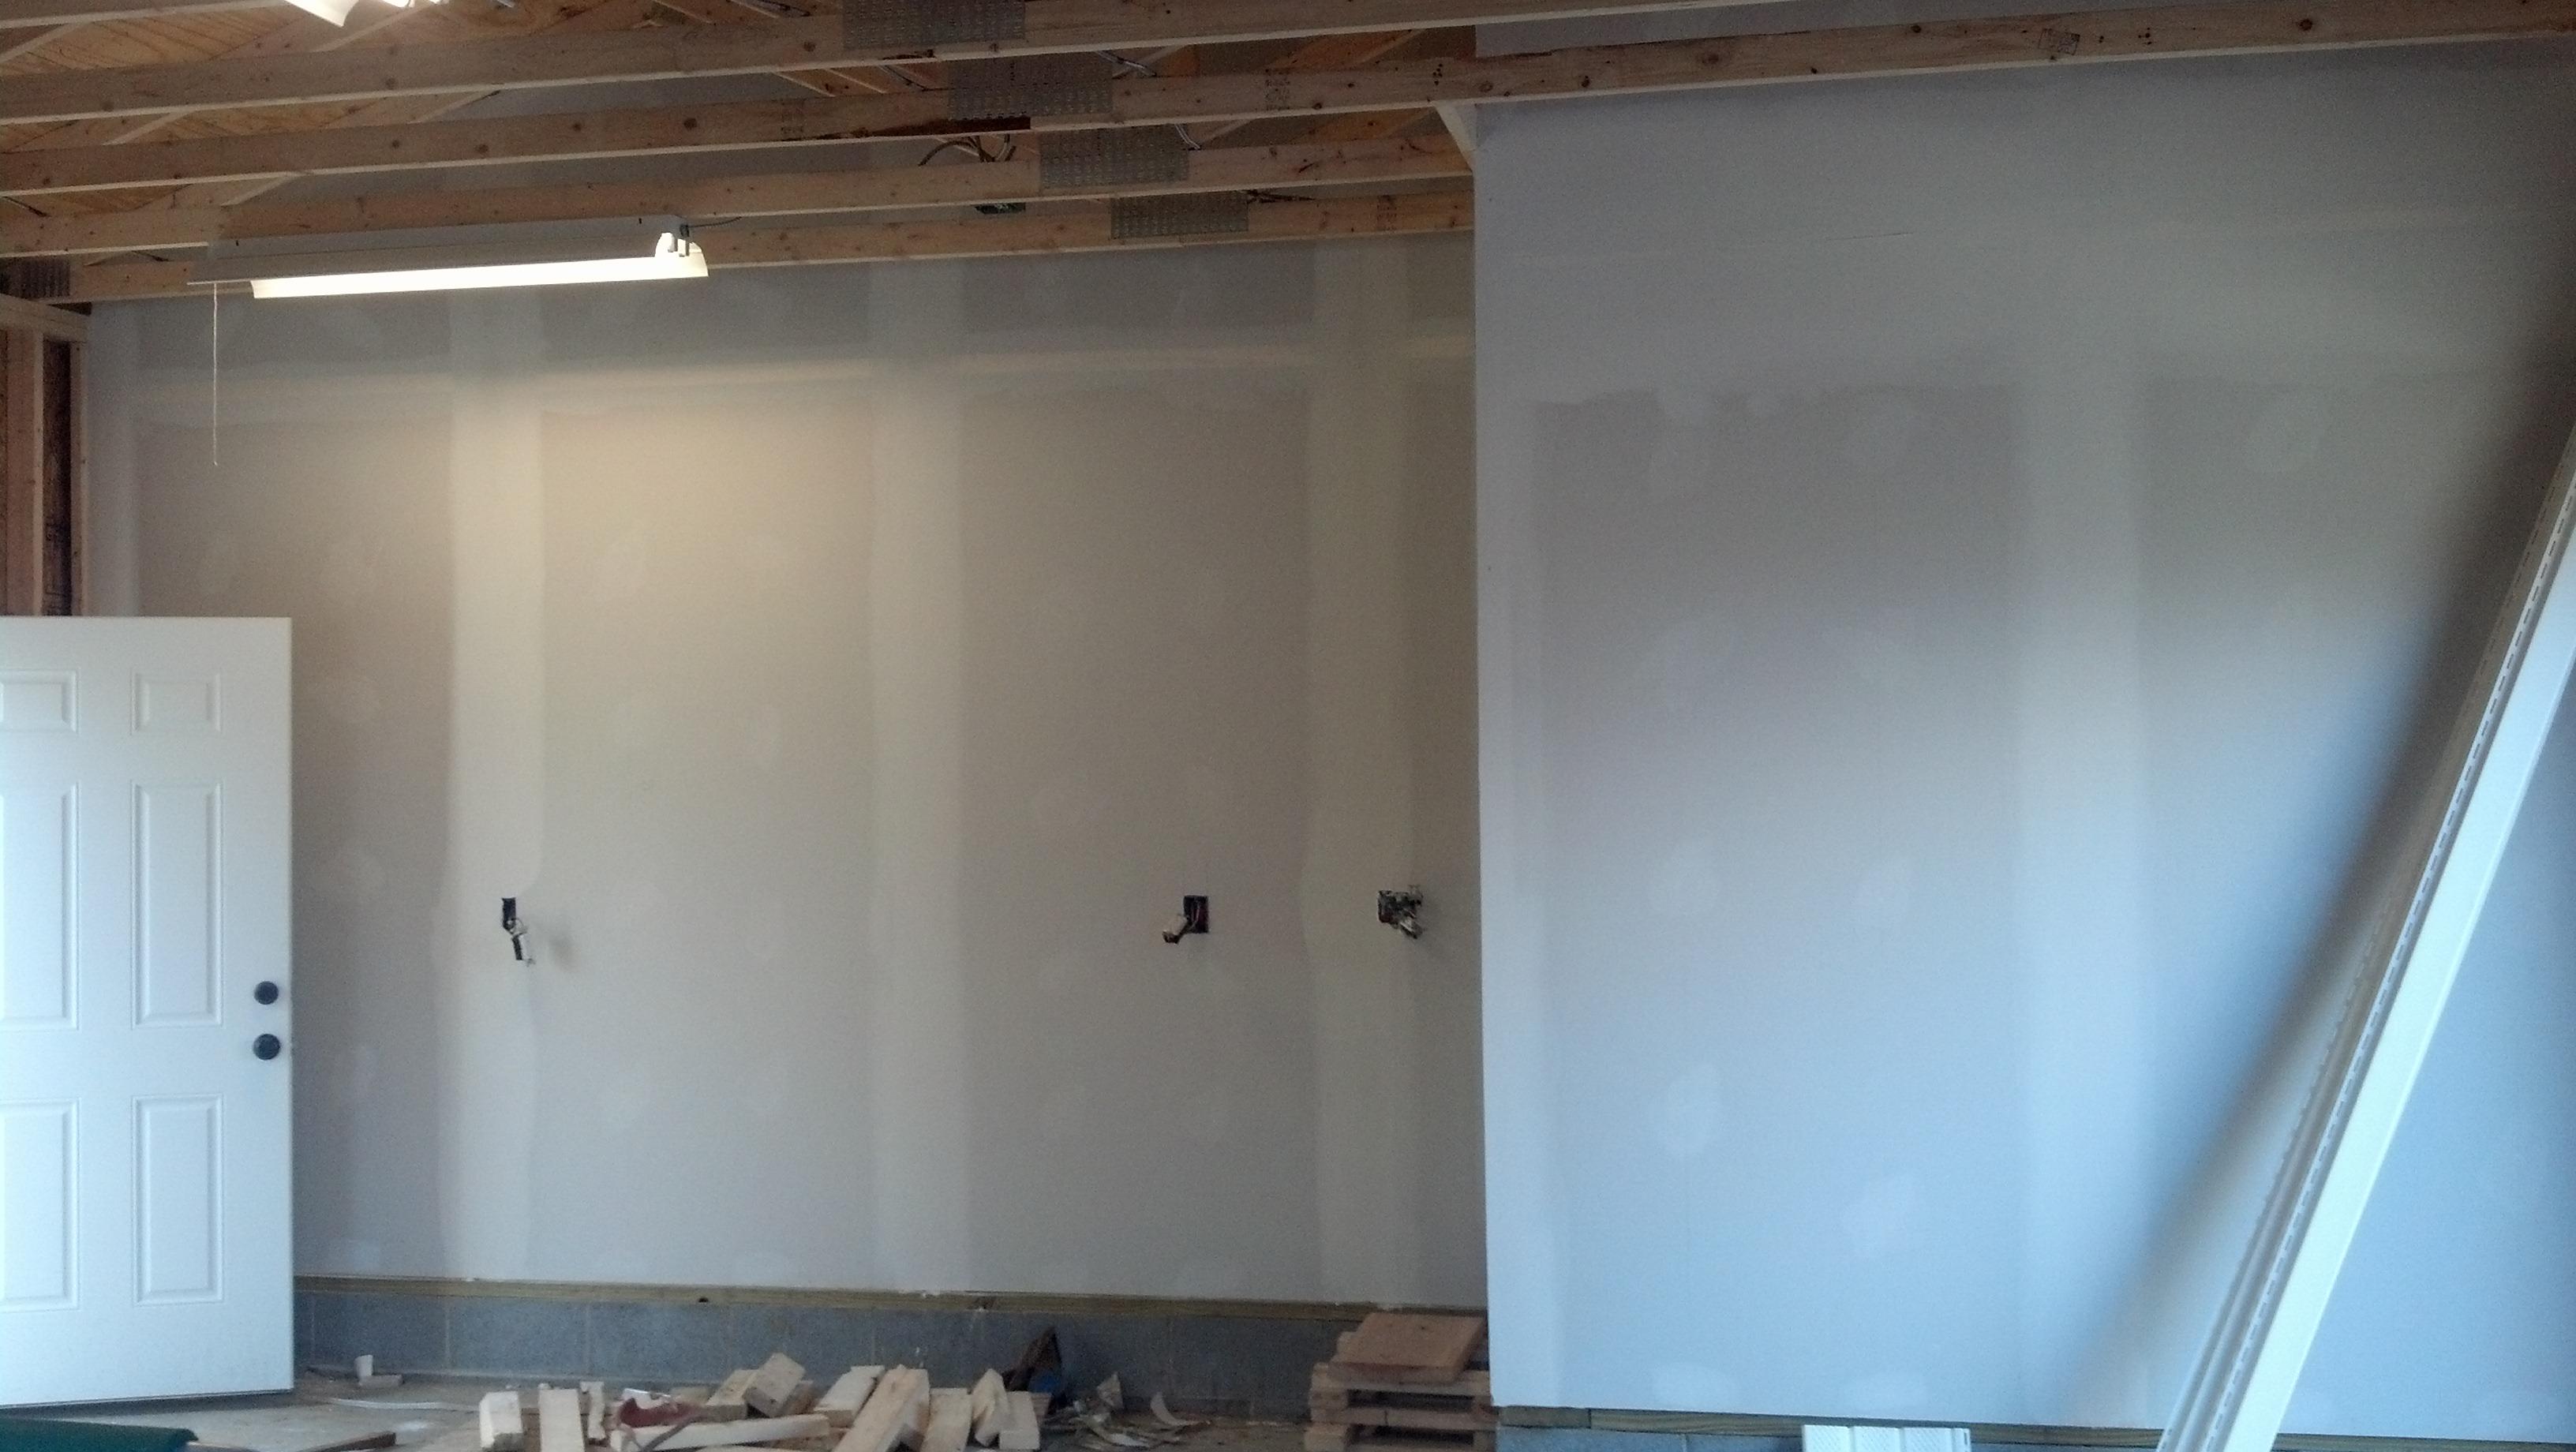 garage interior under construction